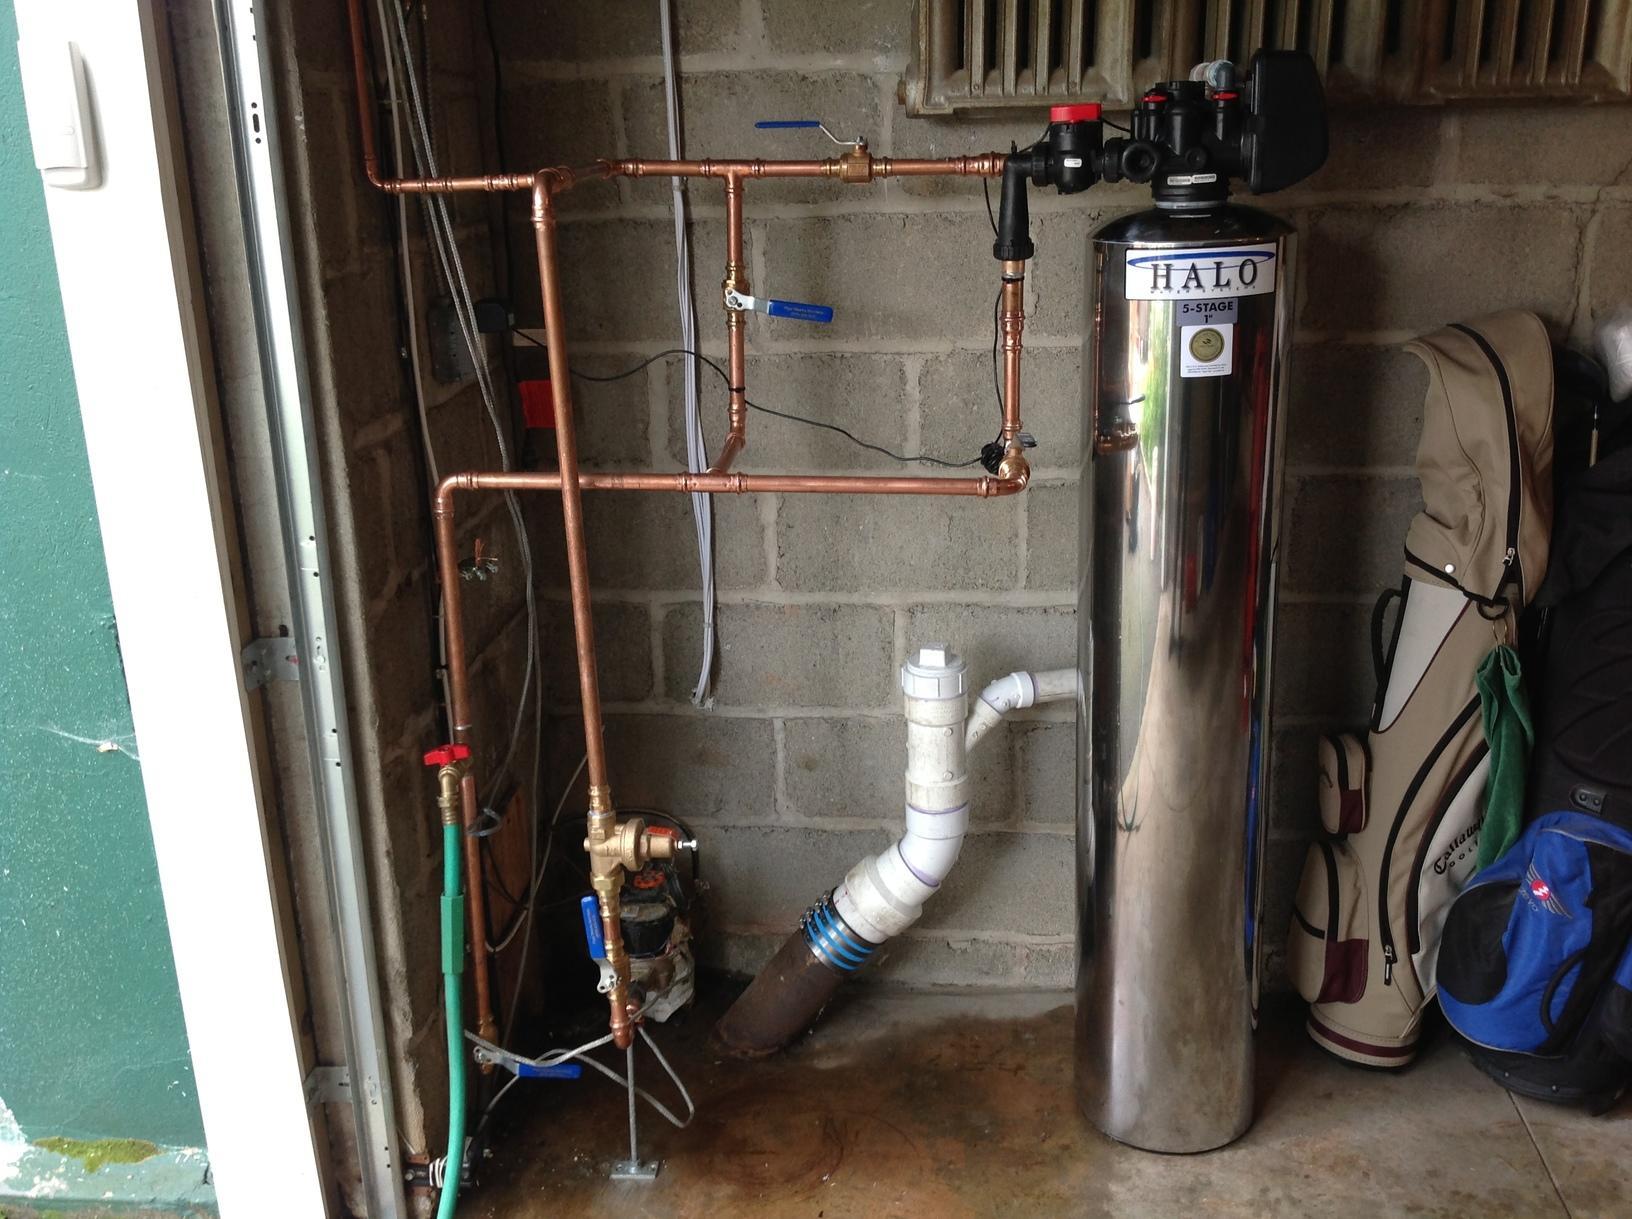 Halo 5 in a Garage